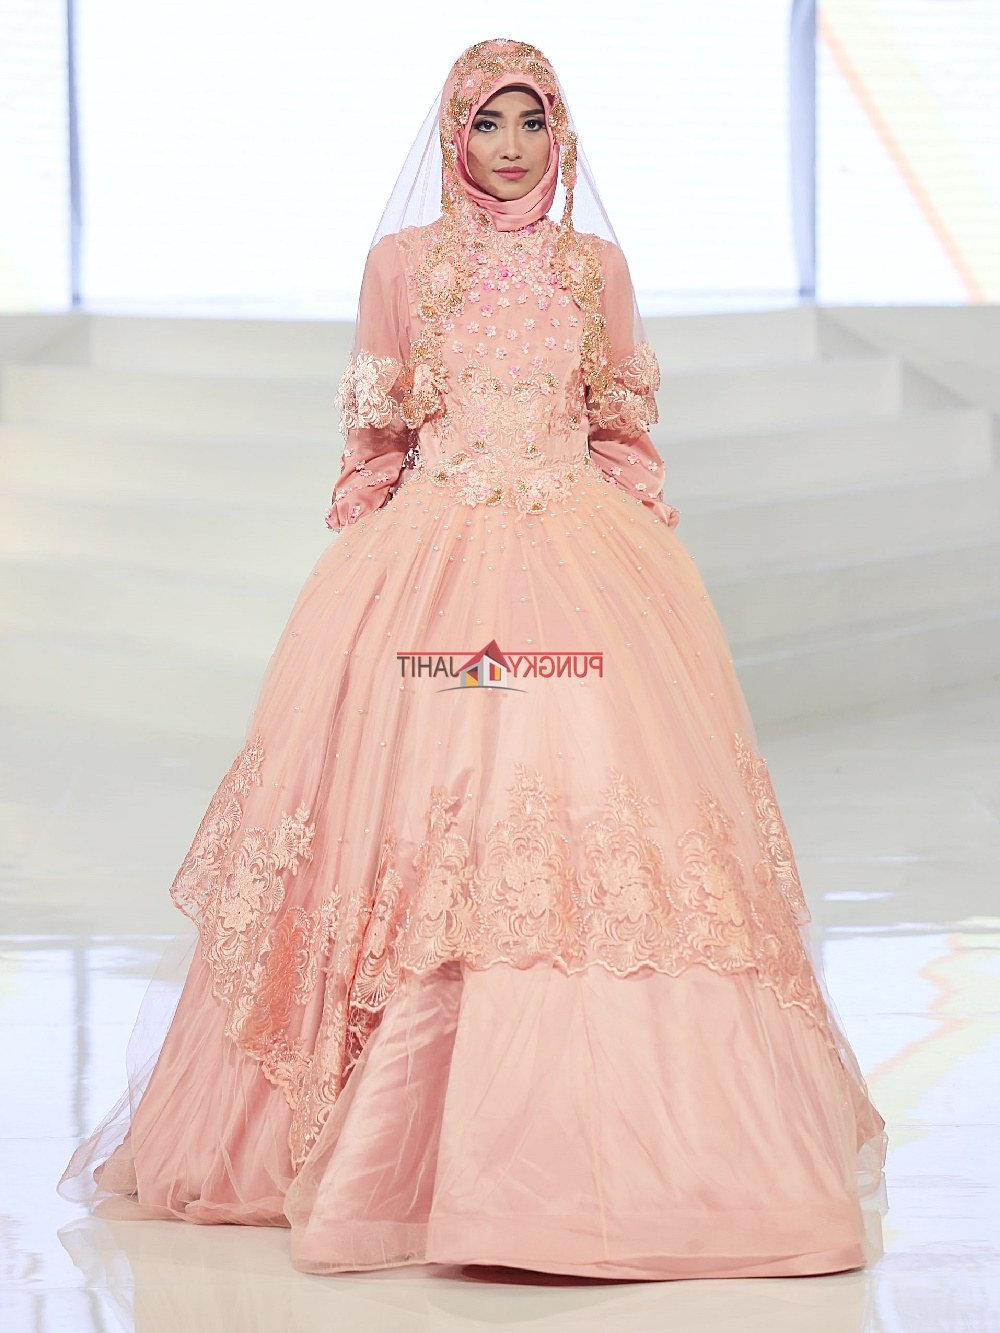 Bentuk Sewa Gaun Pengantin Muslimah Jogja Dwdk Gaun Pengantin Muslimah Dress Muslim Pungky Rumah Jahit